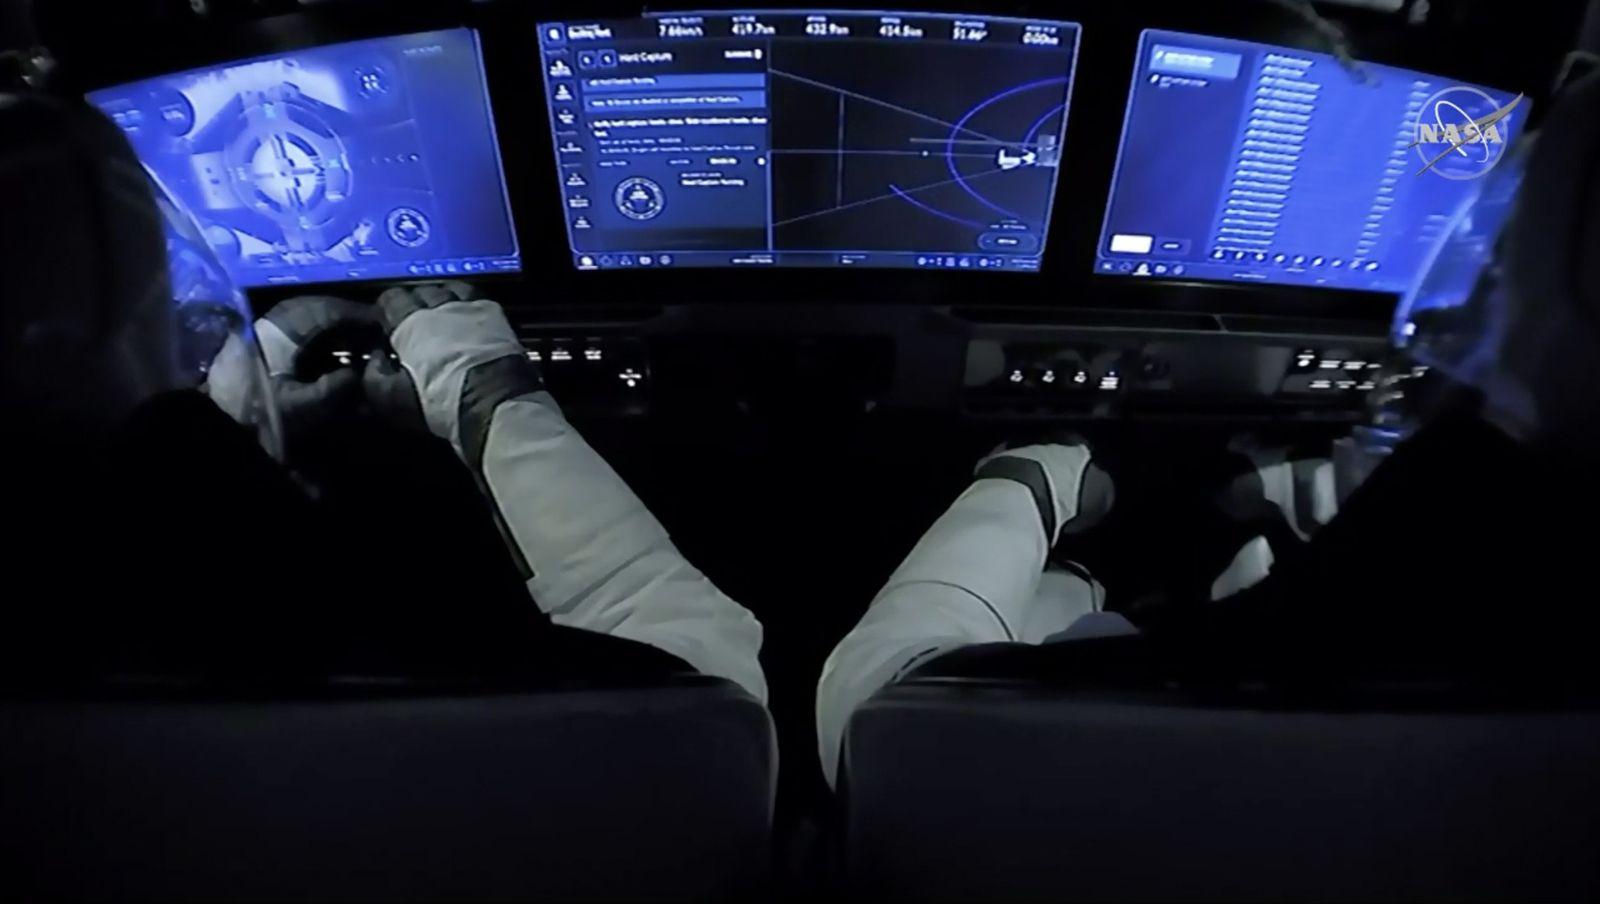 Tripulação da SpaceX Chega à Estação Espacial Internacional. Veja as Fotografias da Missão.